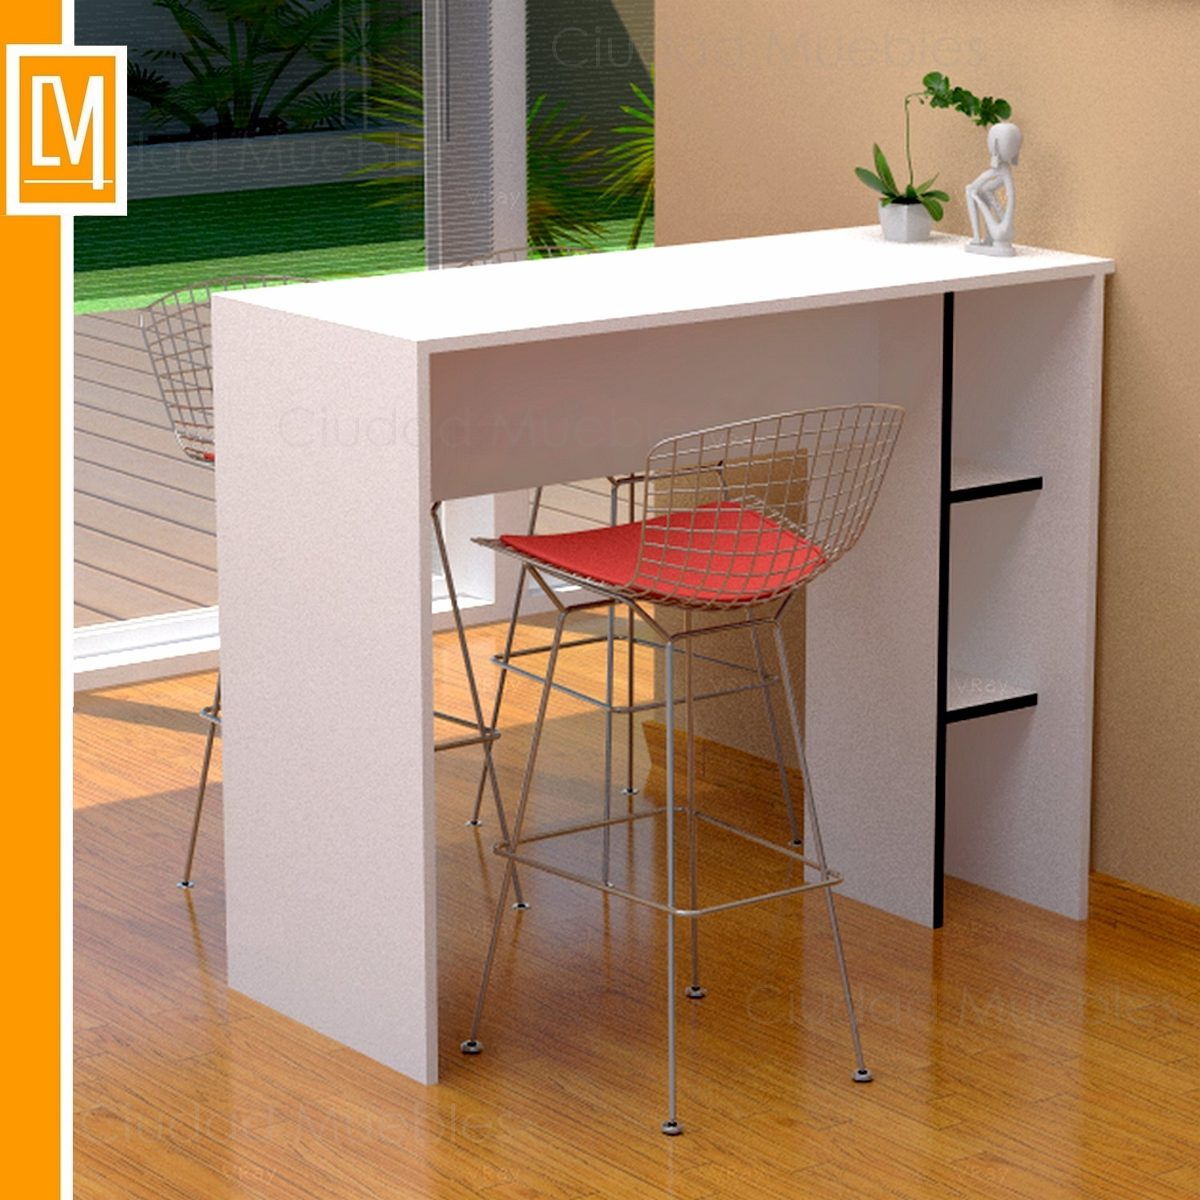 Barra cocina barra desayunador mueble de cocina cm de for Mueble barra cocina